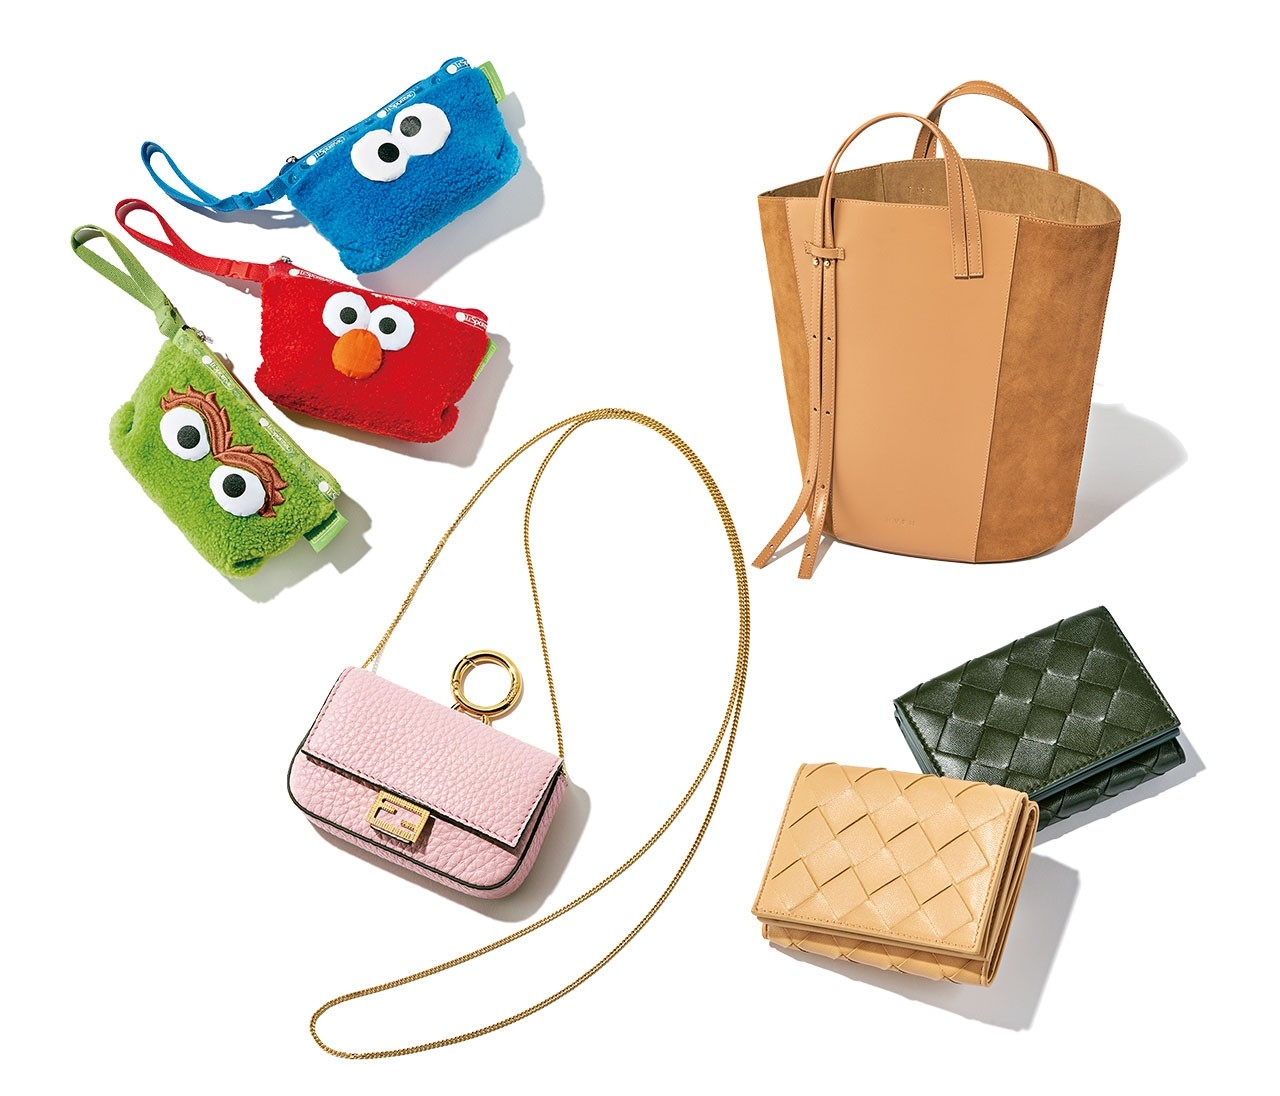 ハイブランドの新作バッグ&ミニ財布、話題のコラボバッグまで一気見せ!【今月のおしゃれニュース】